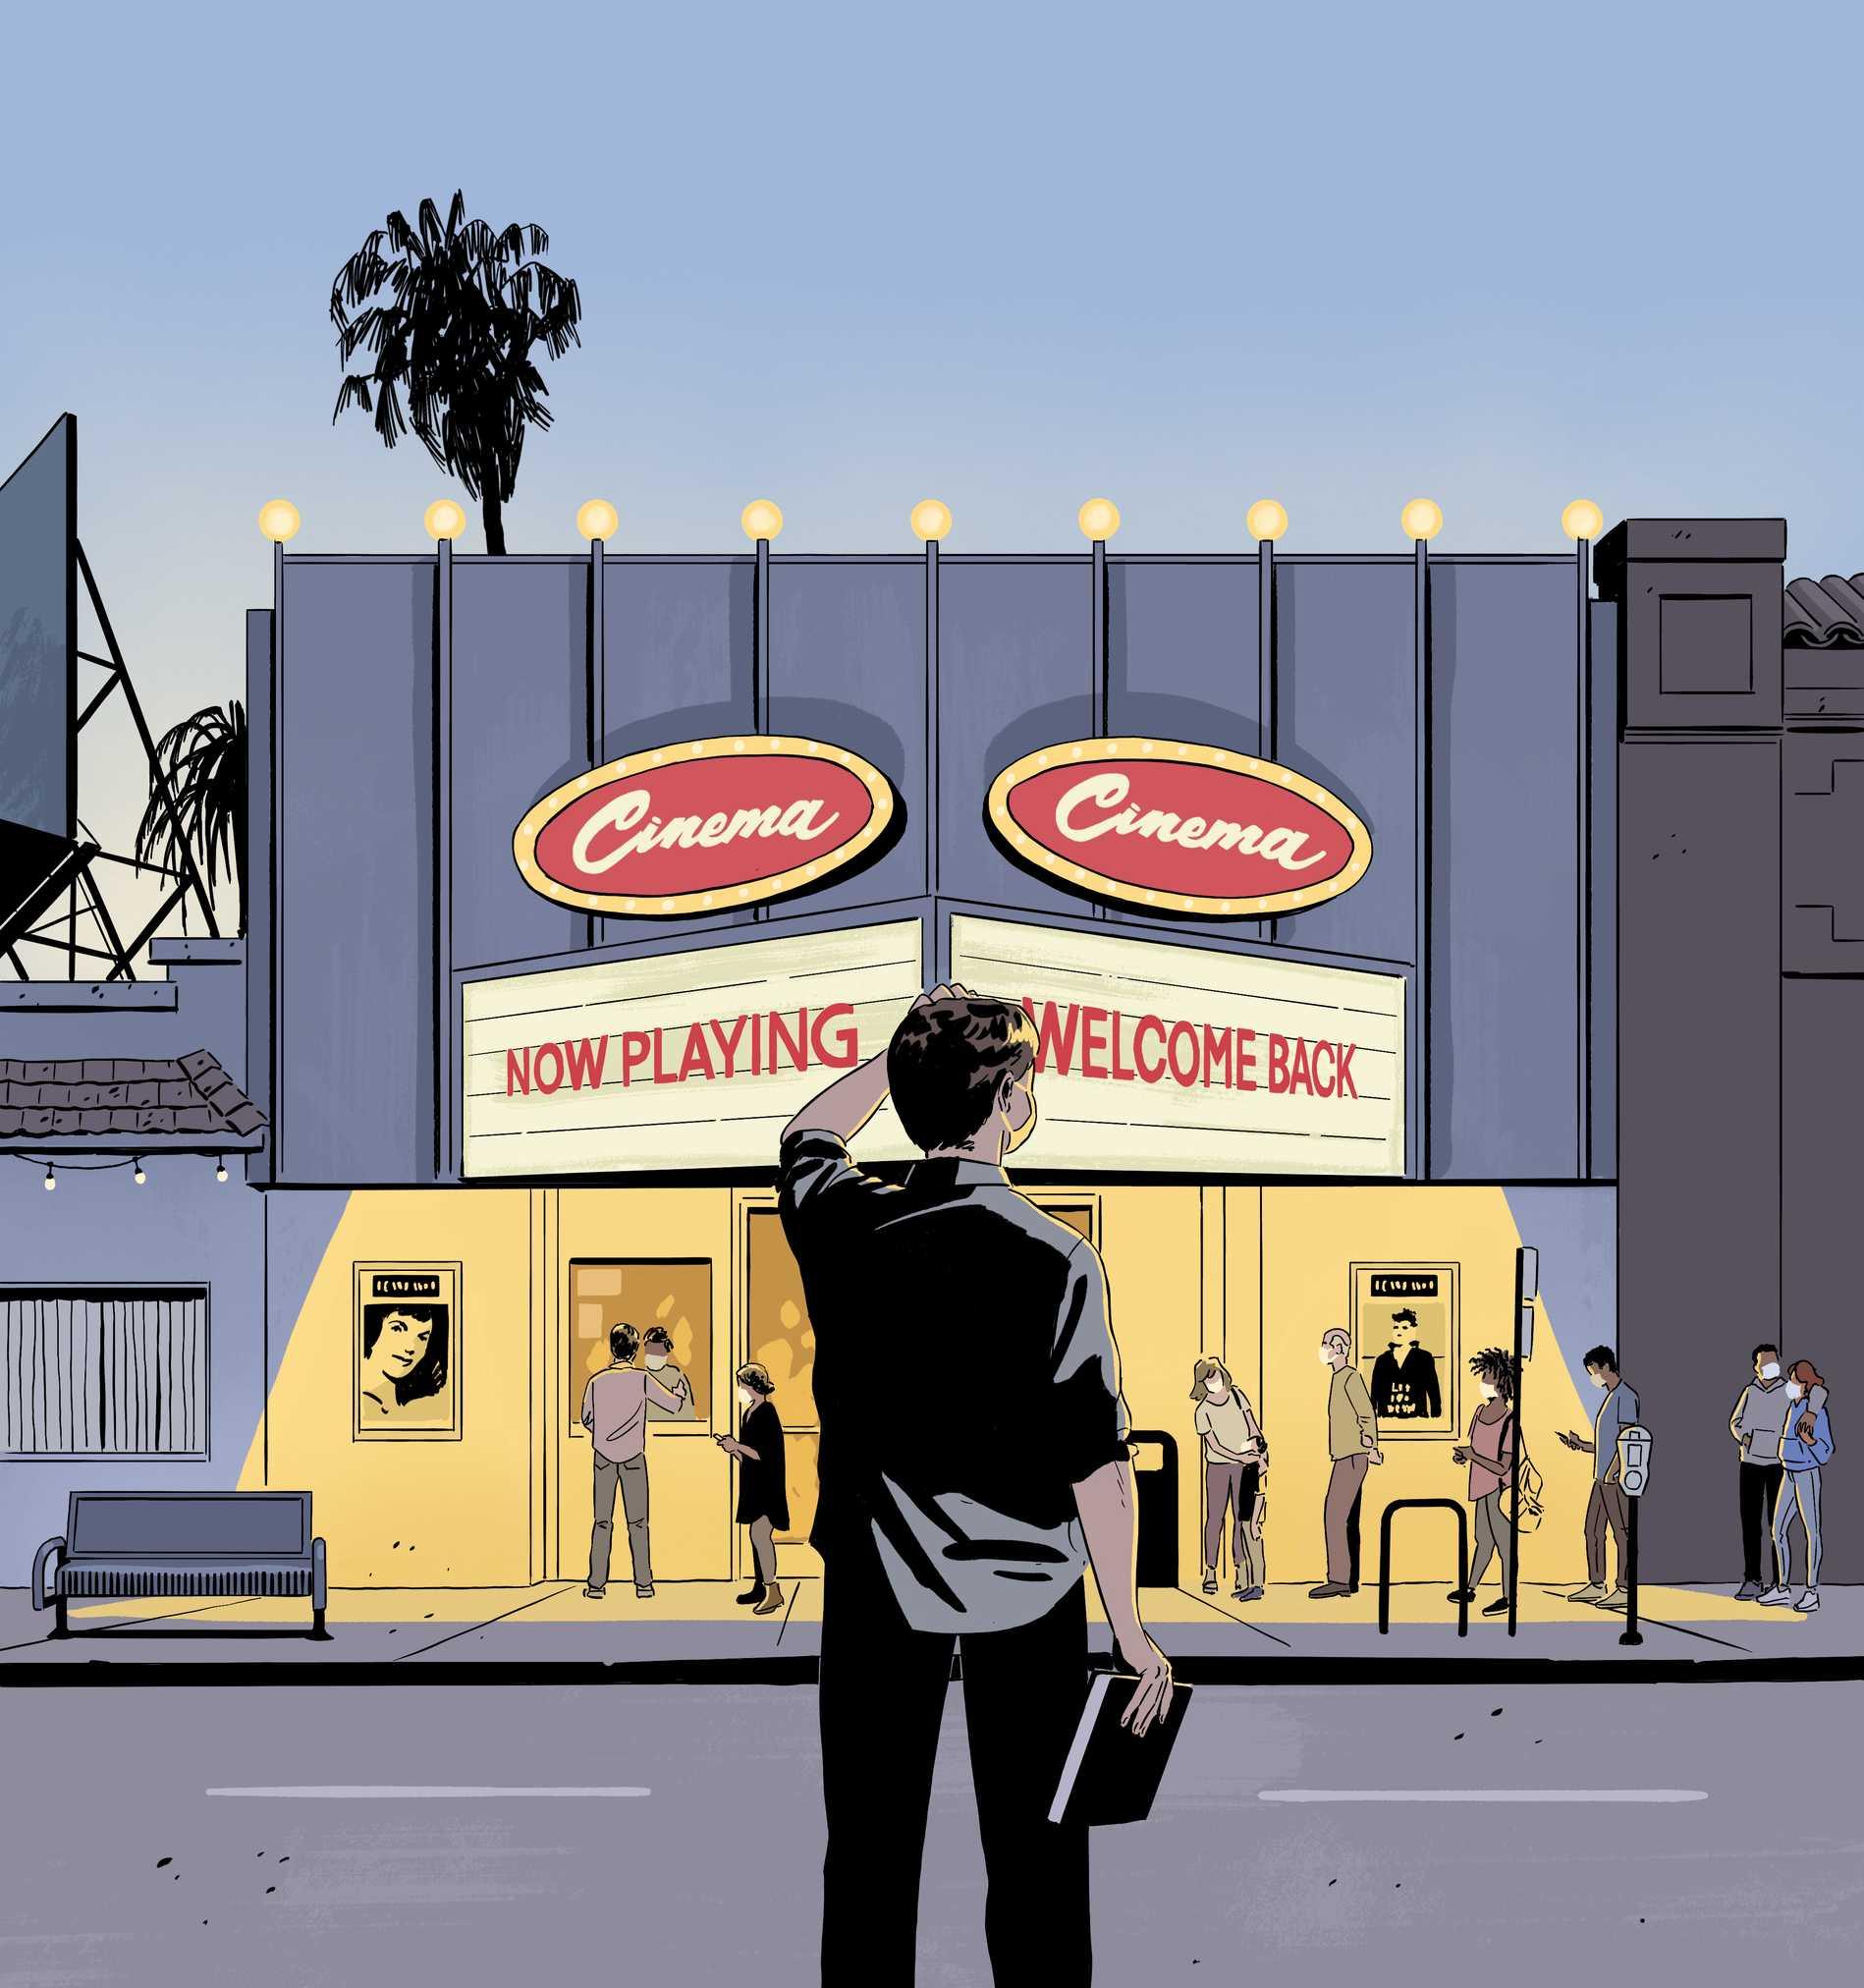 La_Times_Movies_Final-web